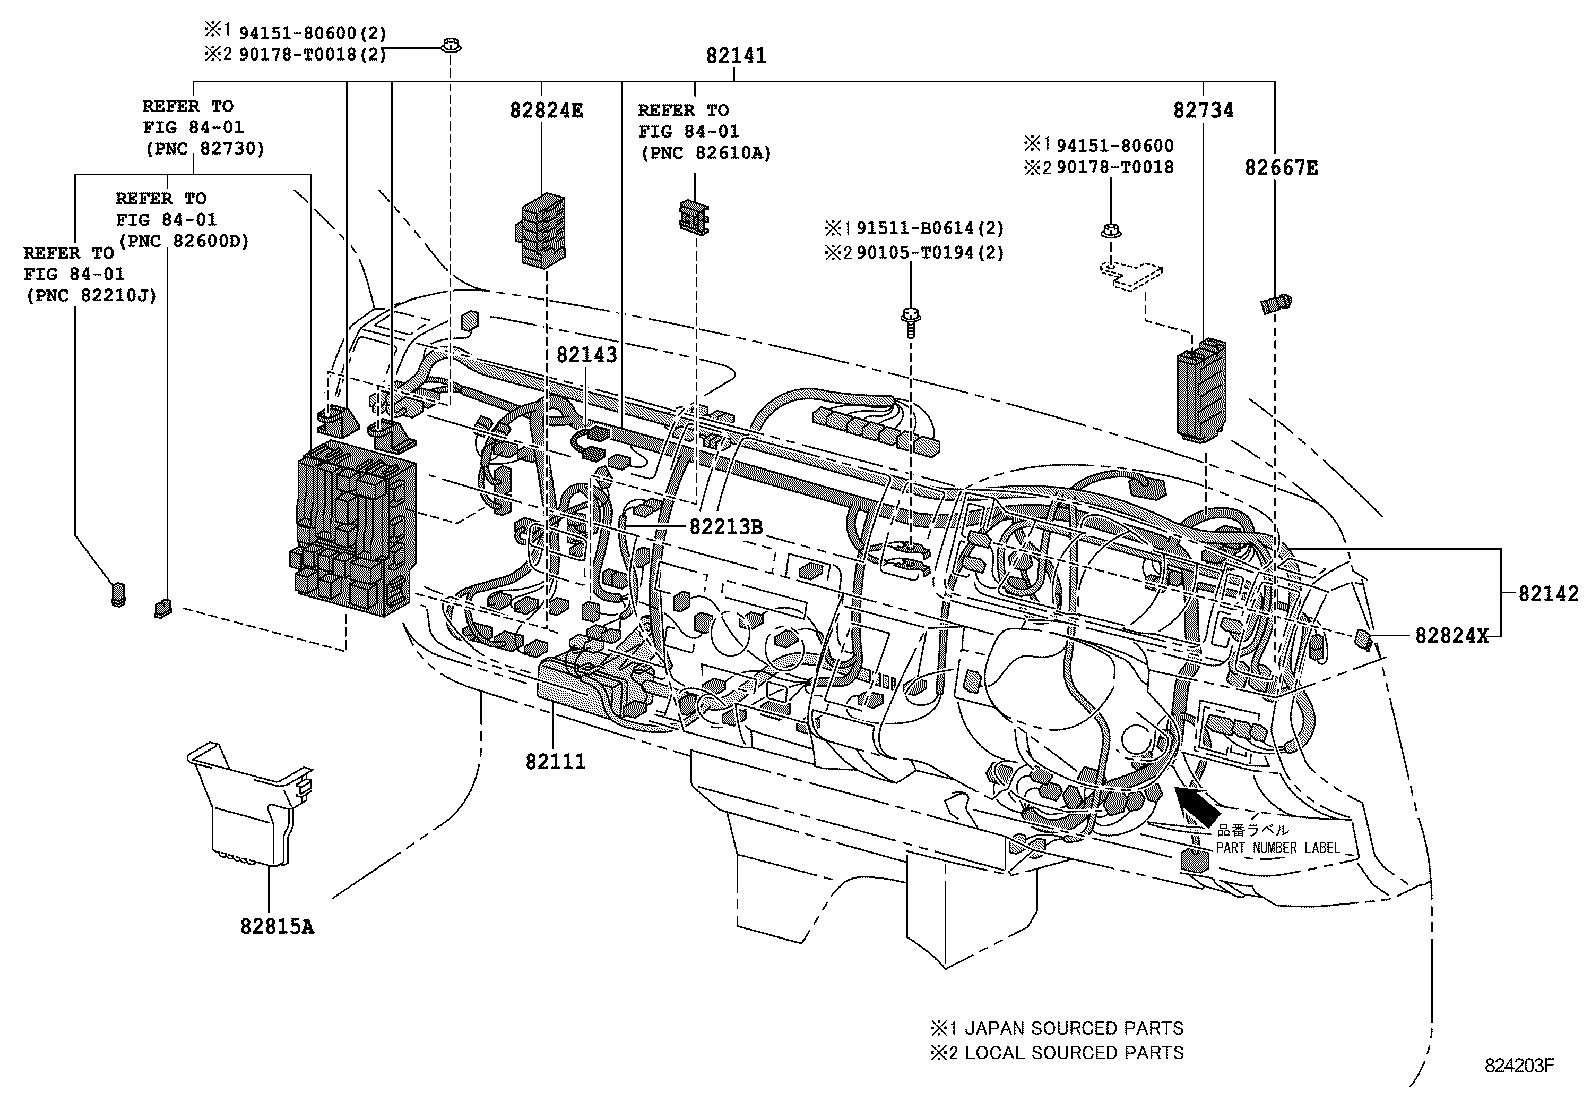 Toyota Hiace Wiring Diagram Auto Electrical 2001 Jetta 2 0avh Engine Bar Oil Pressure 1992 Lumina 2003 F150 5 4 1954 M37